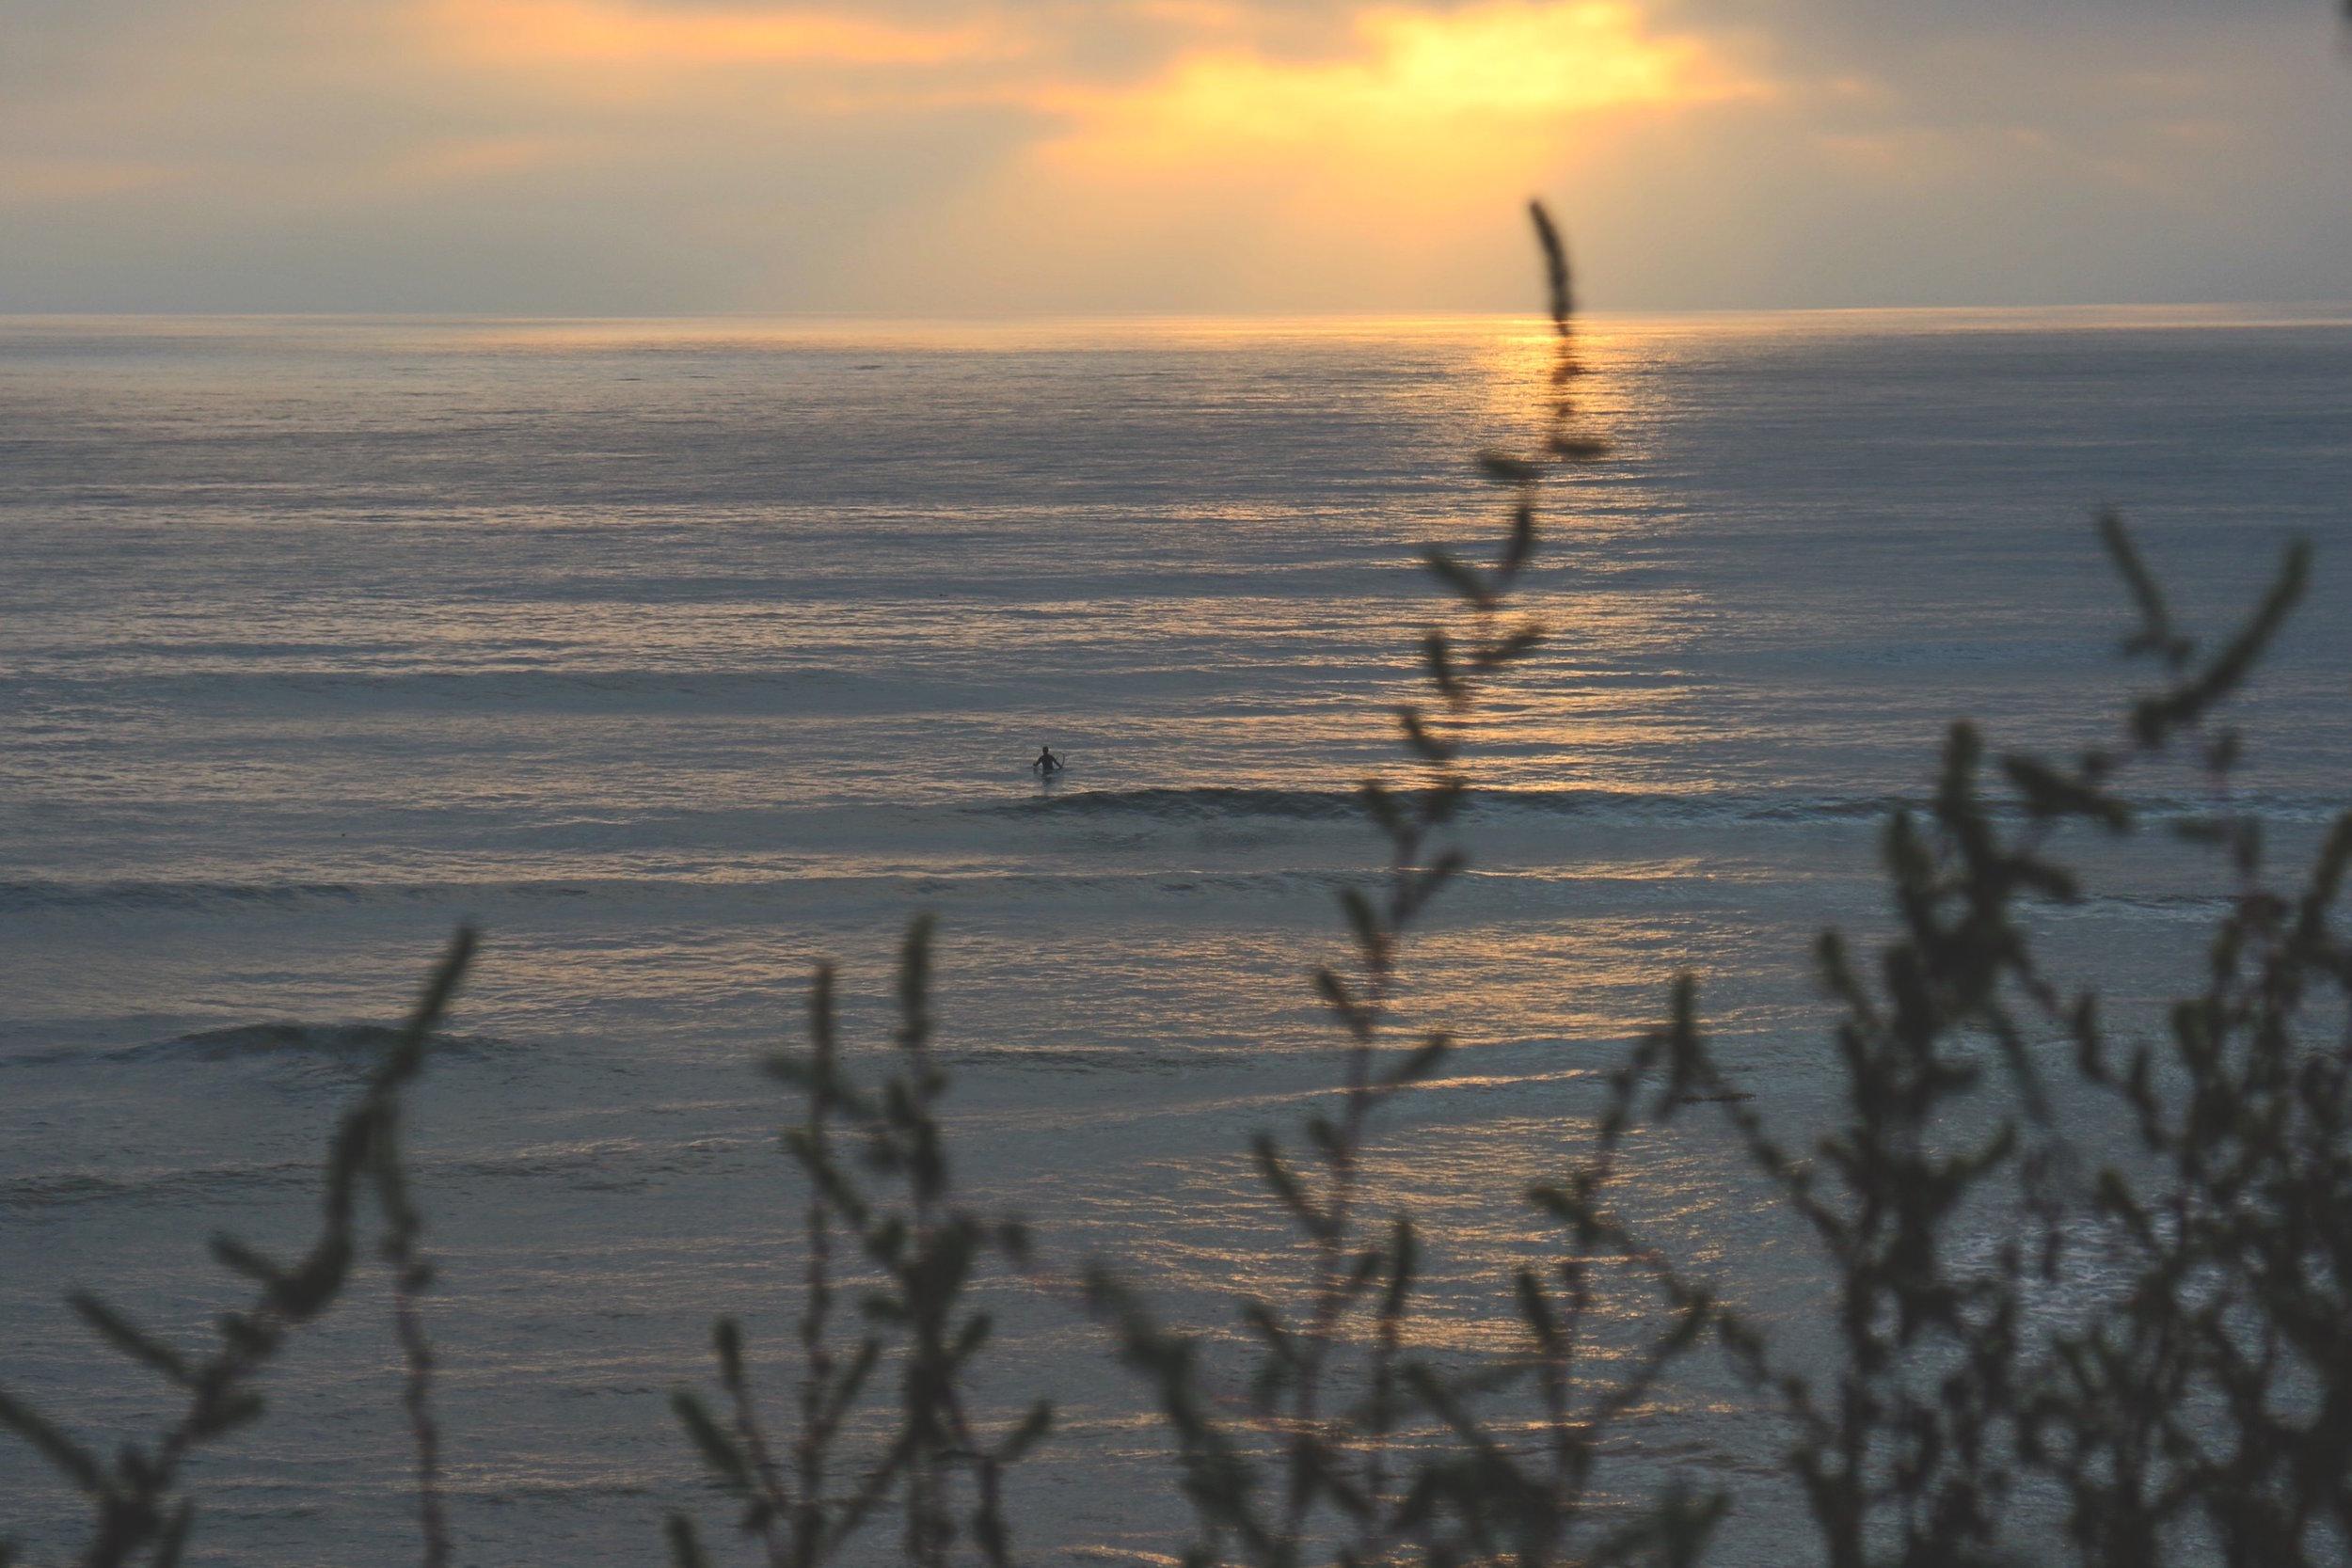 Sunset CliffsIMG_3535.jpg